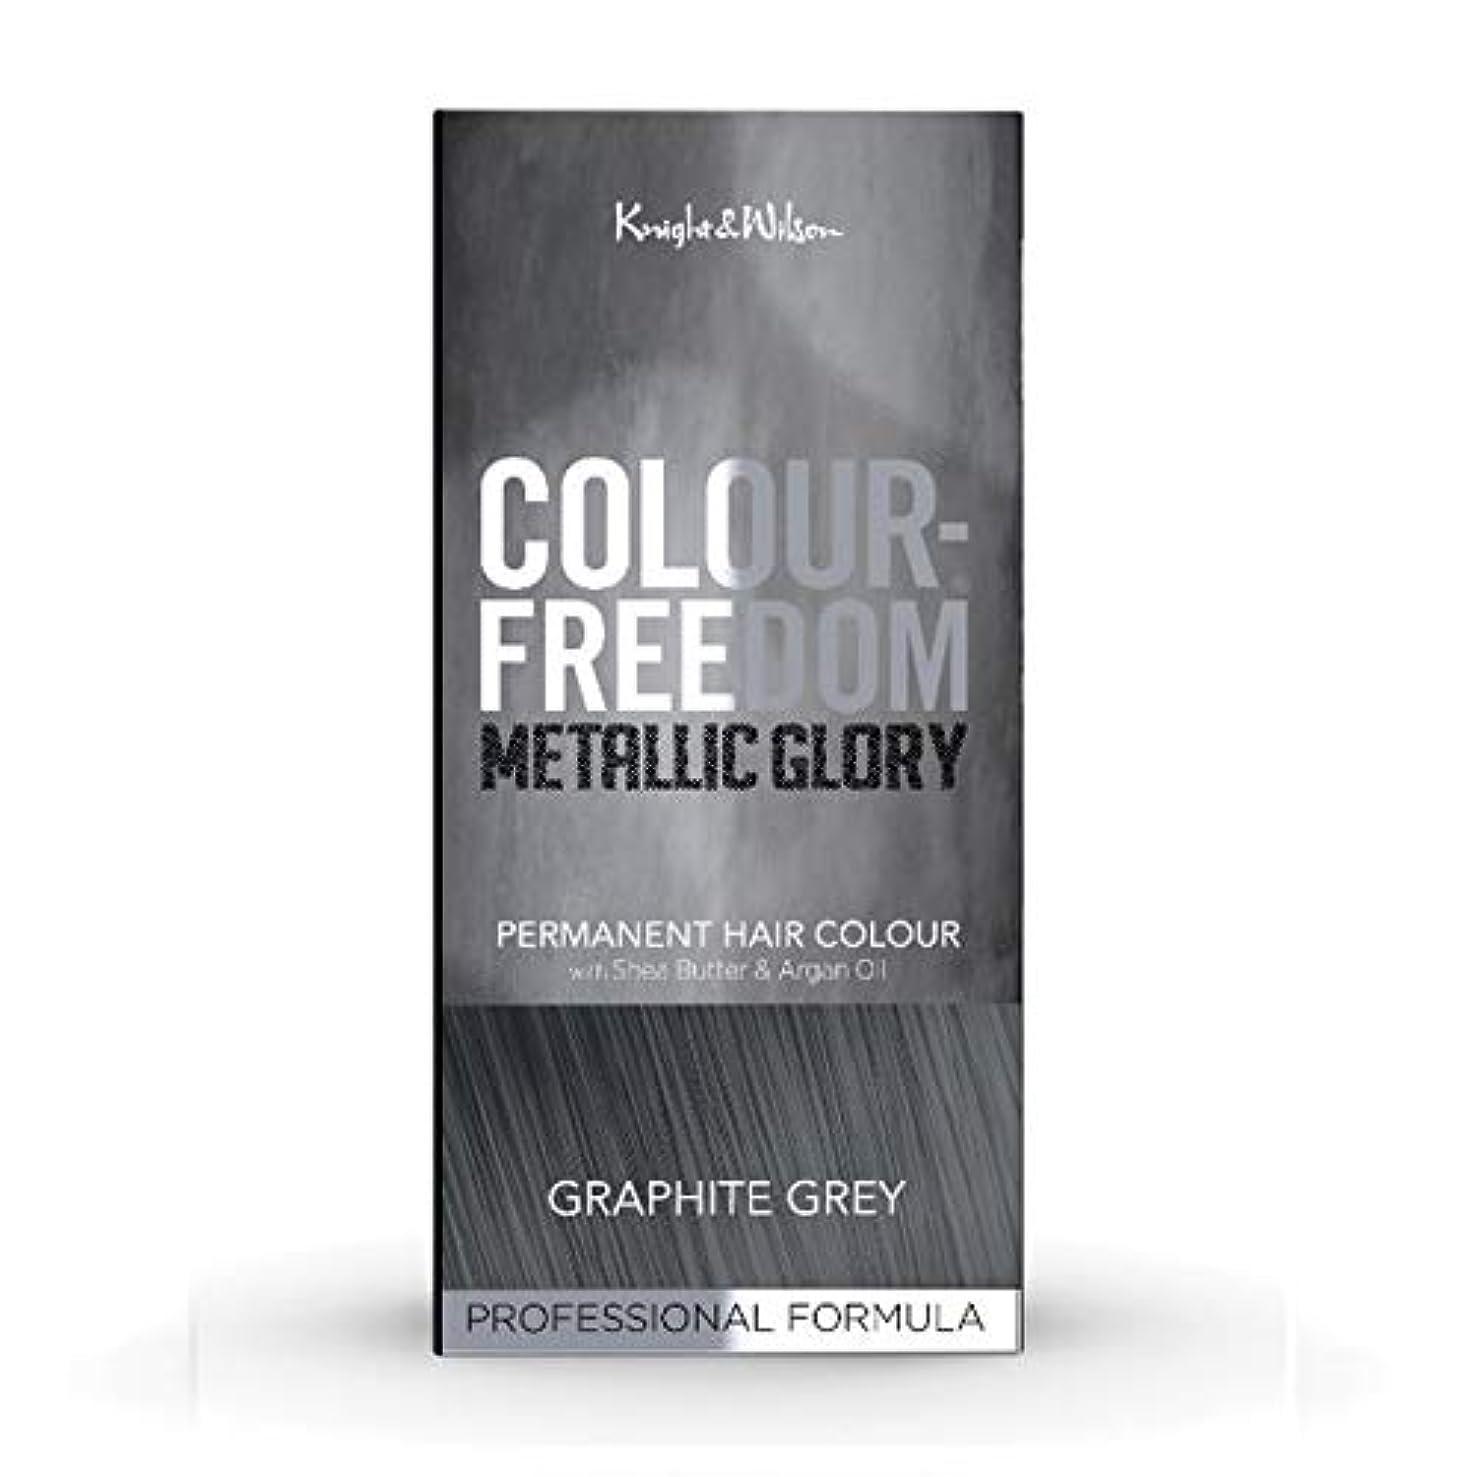 暴力的な略す出演者[Colour Freedom ] 色自由金属栄光グラファイトグレー617 - Colour Freedom Metallic Glory Graphite Grey 617 [並行輸入品]